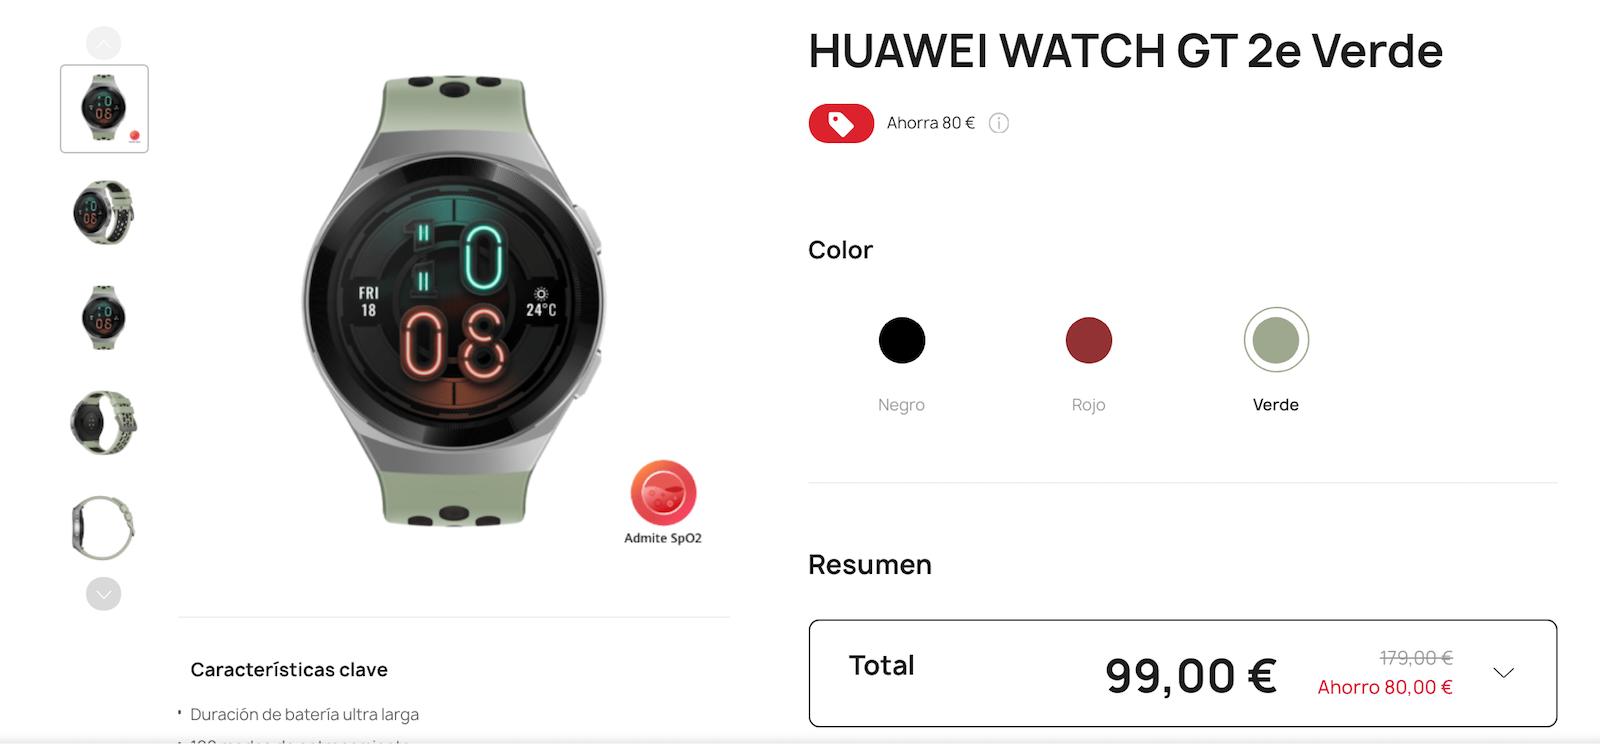 mejor reloj de huawei en oferta